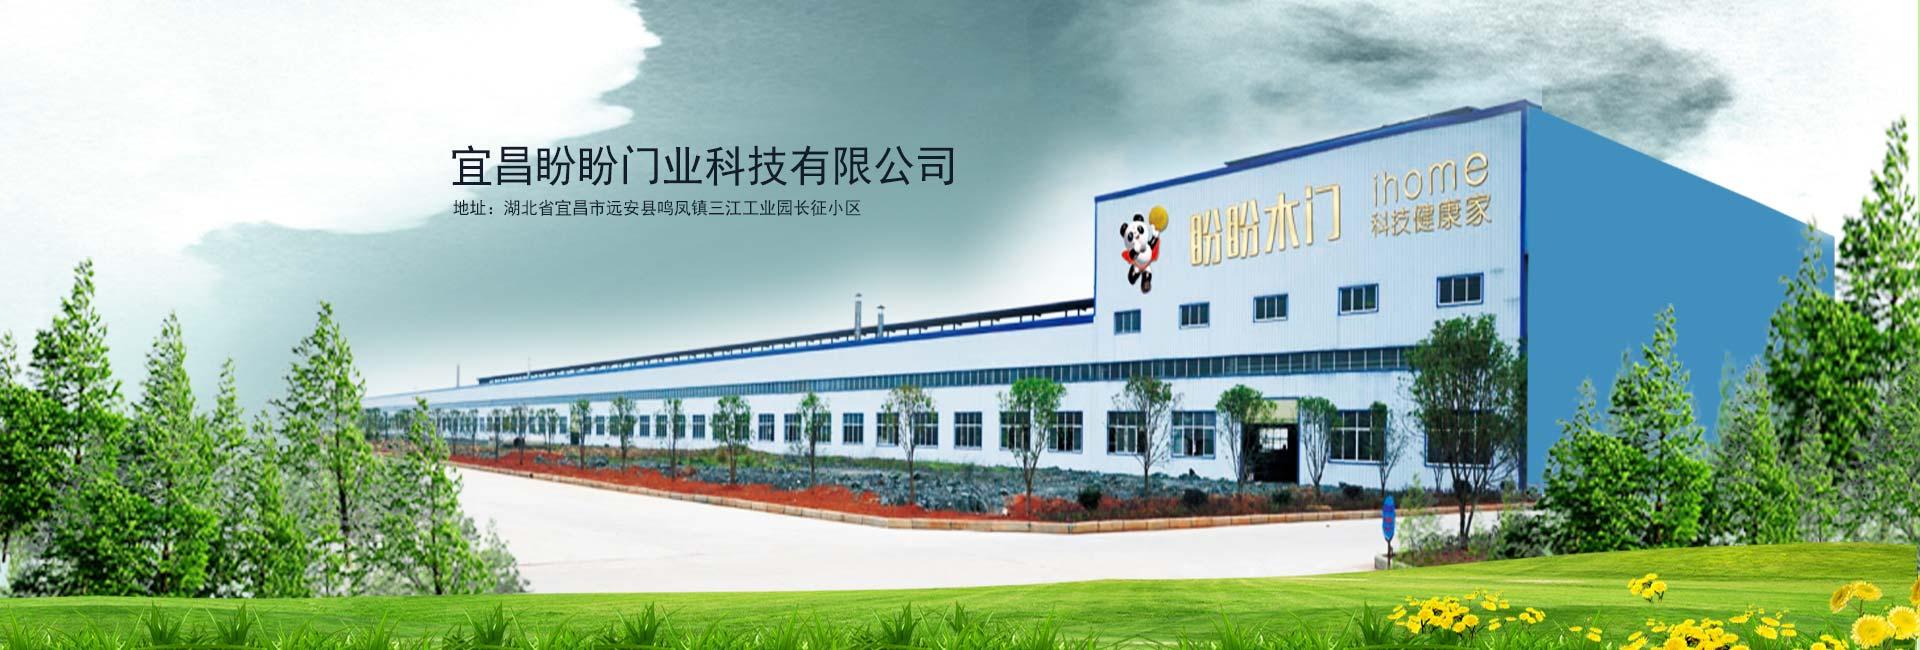 宜昌盼盼门业科技有限公司